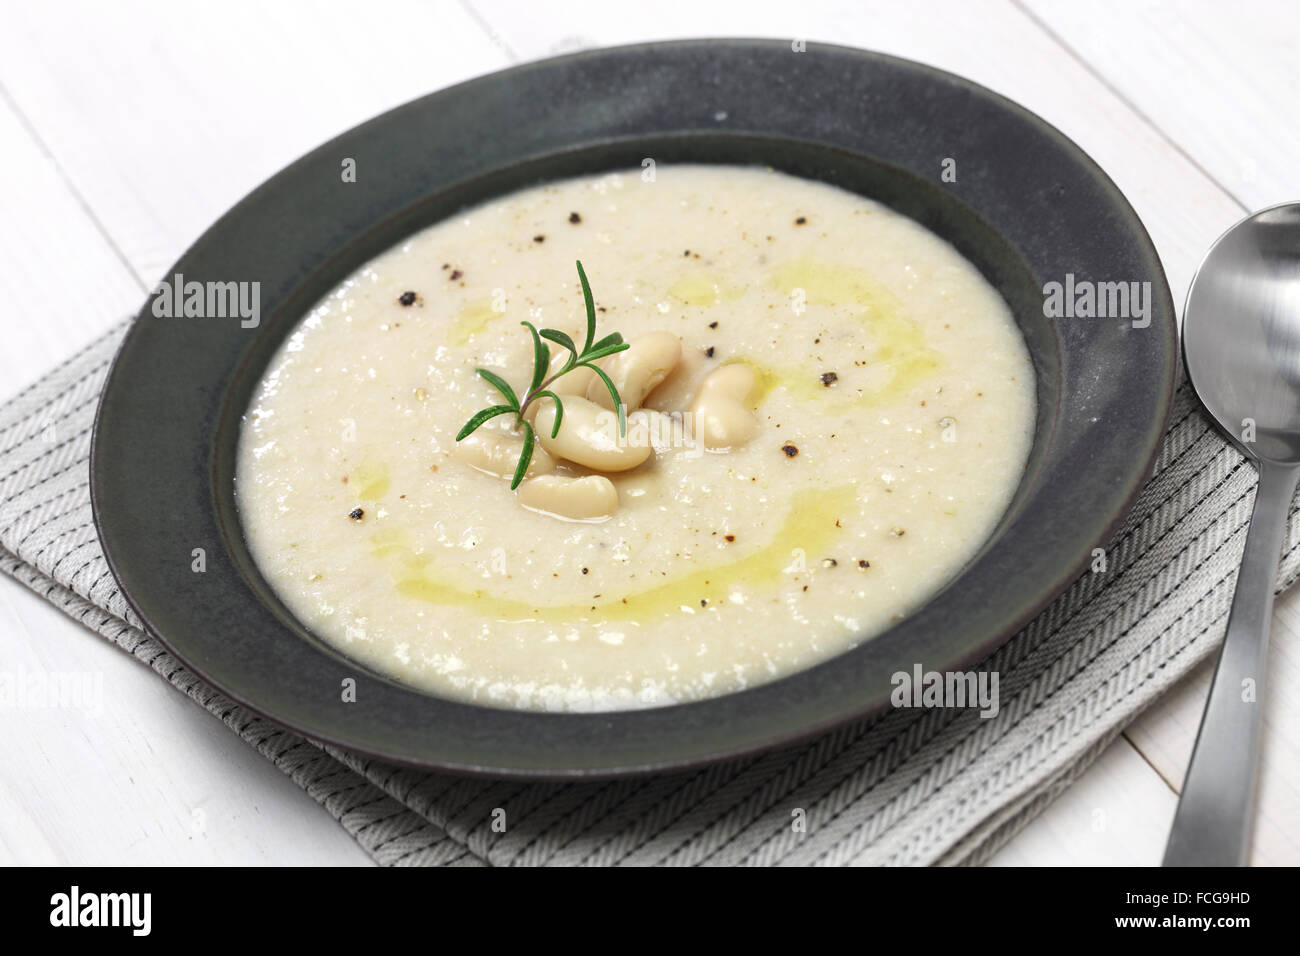 toskanische cremig Cannellini Bohnensuppe, italienische Küche Stockbild